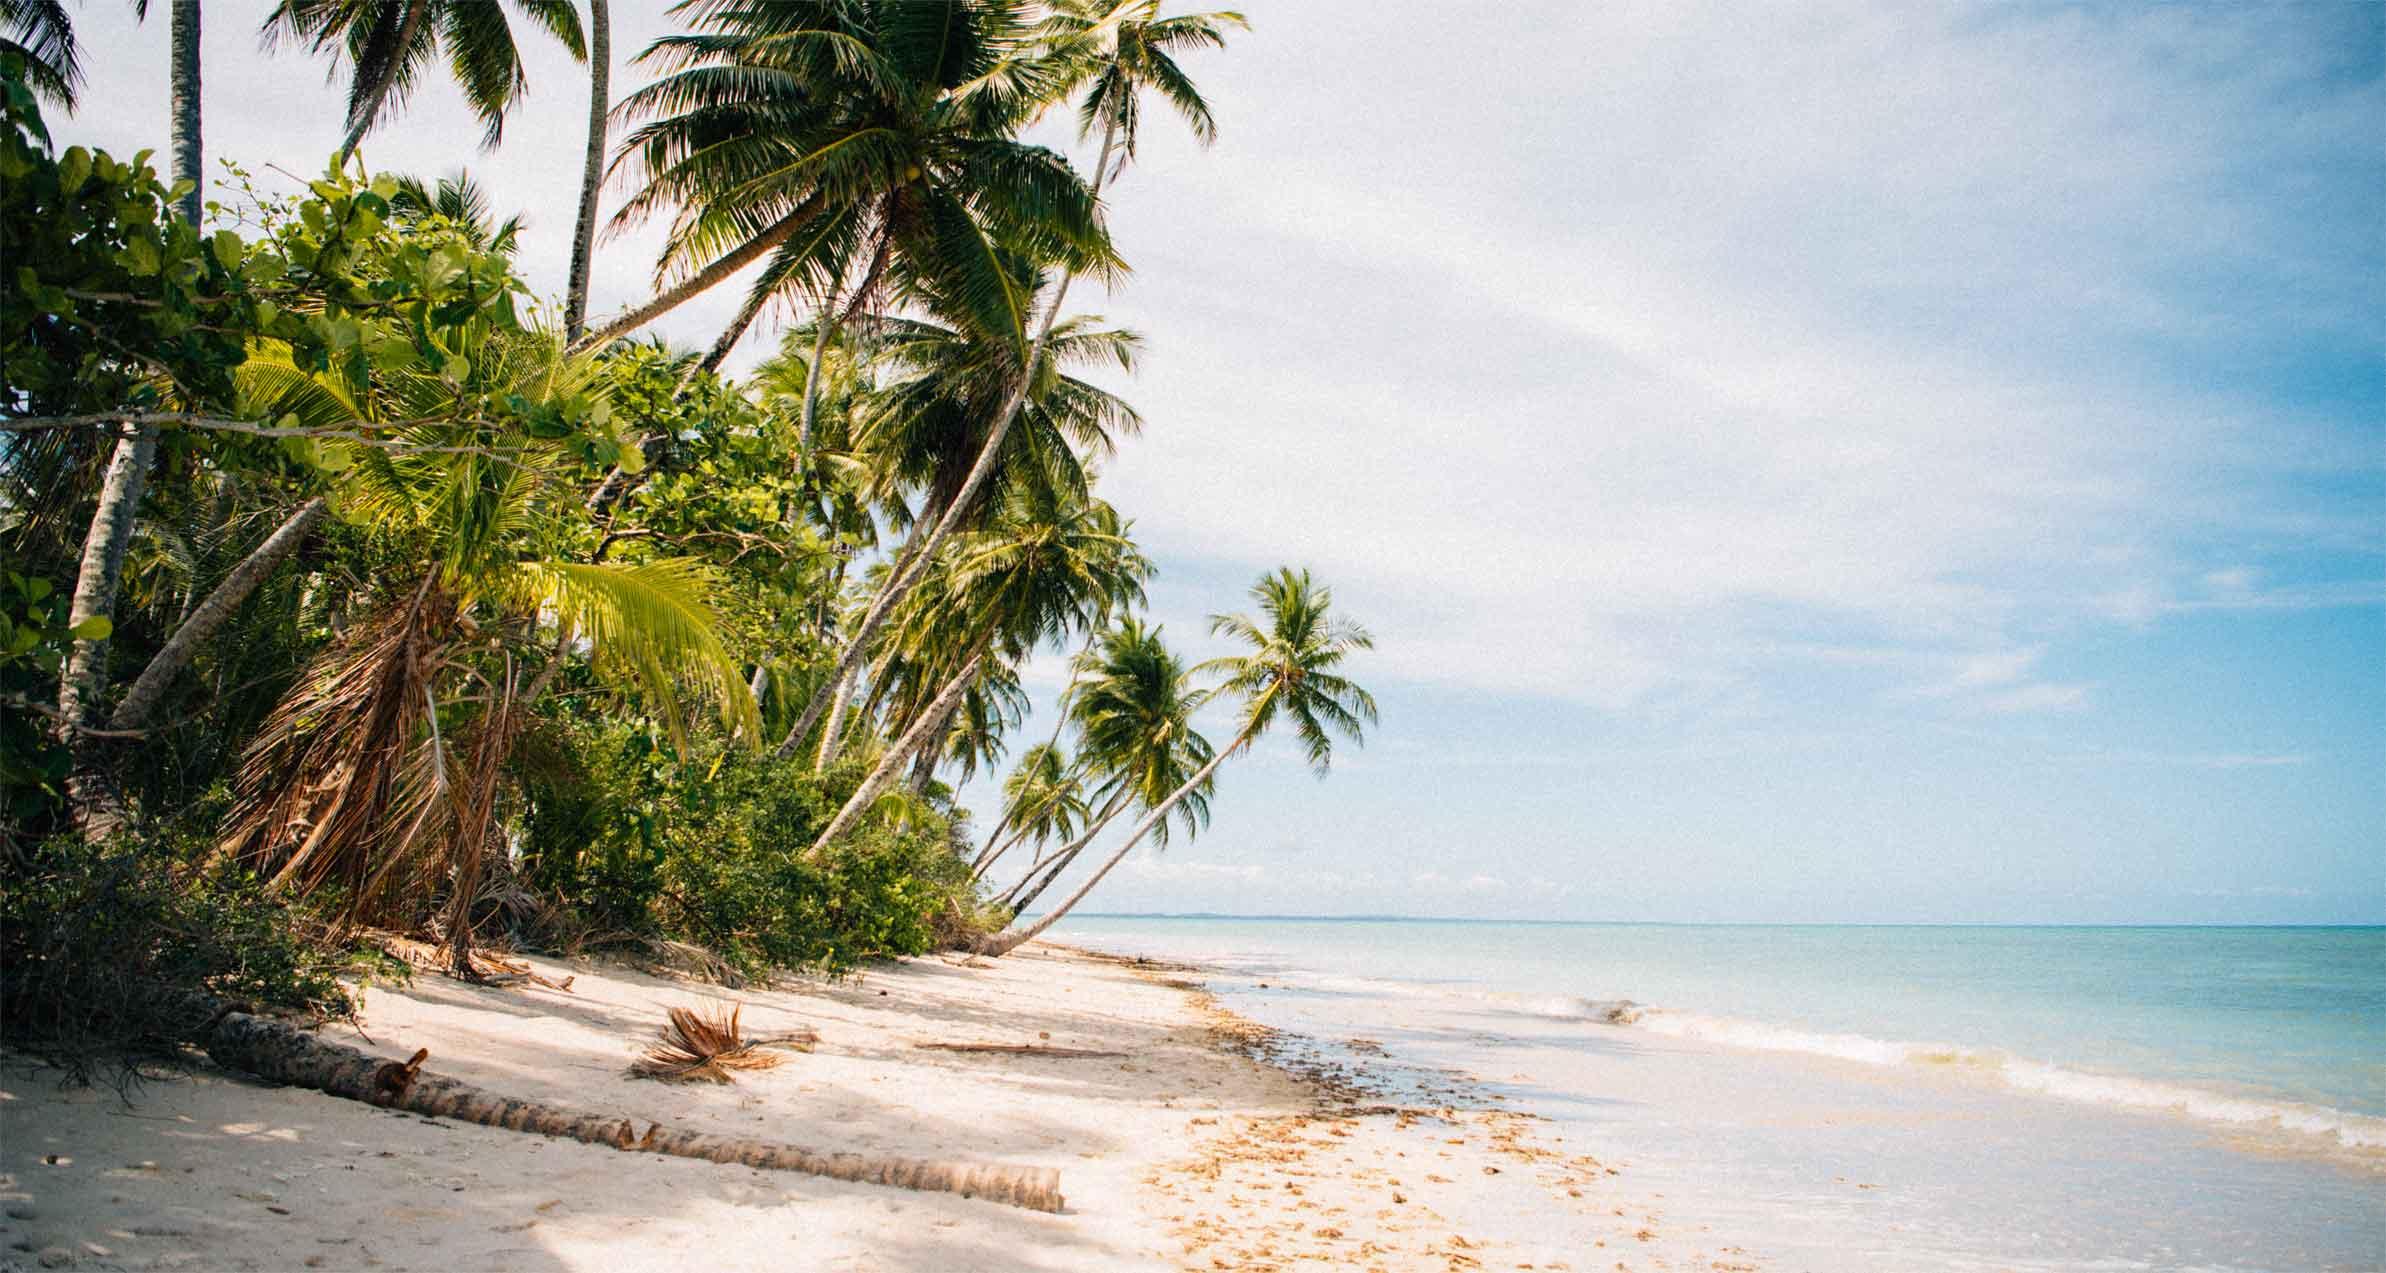 praia-bahia